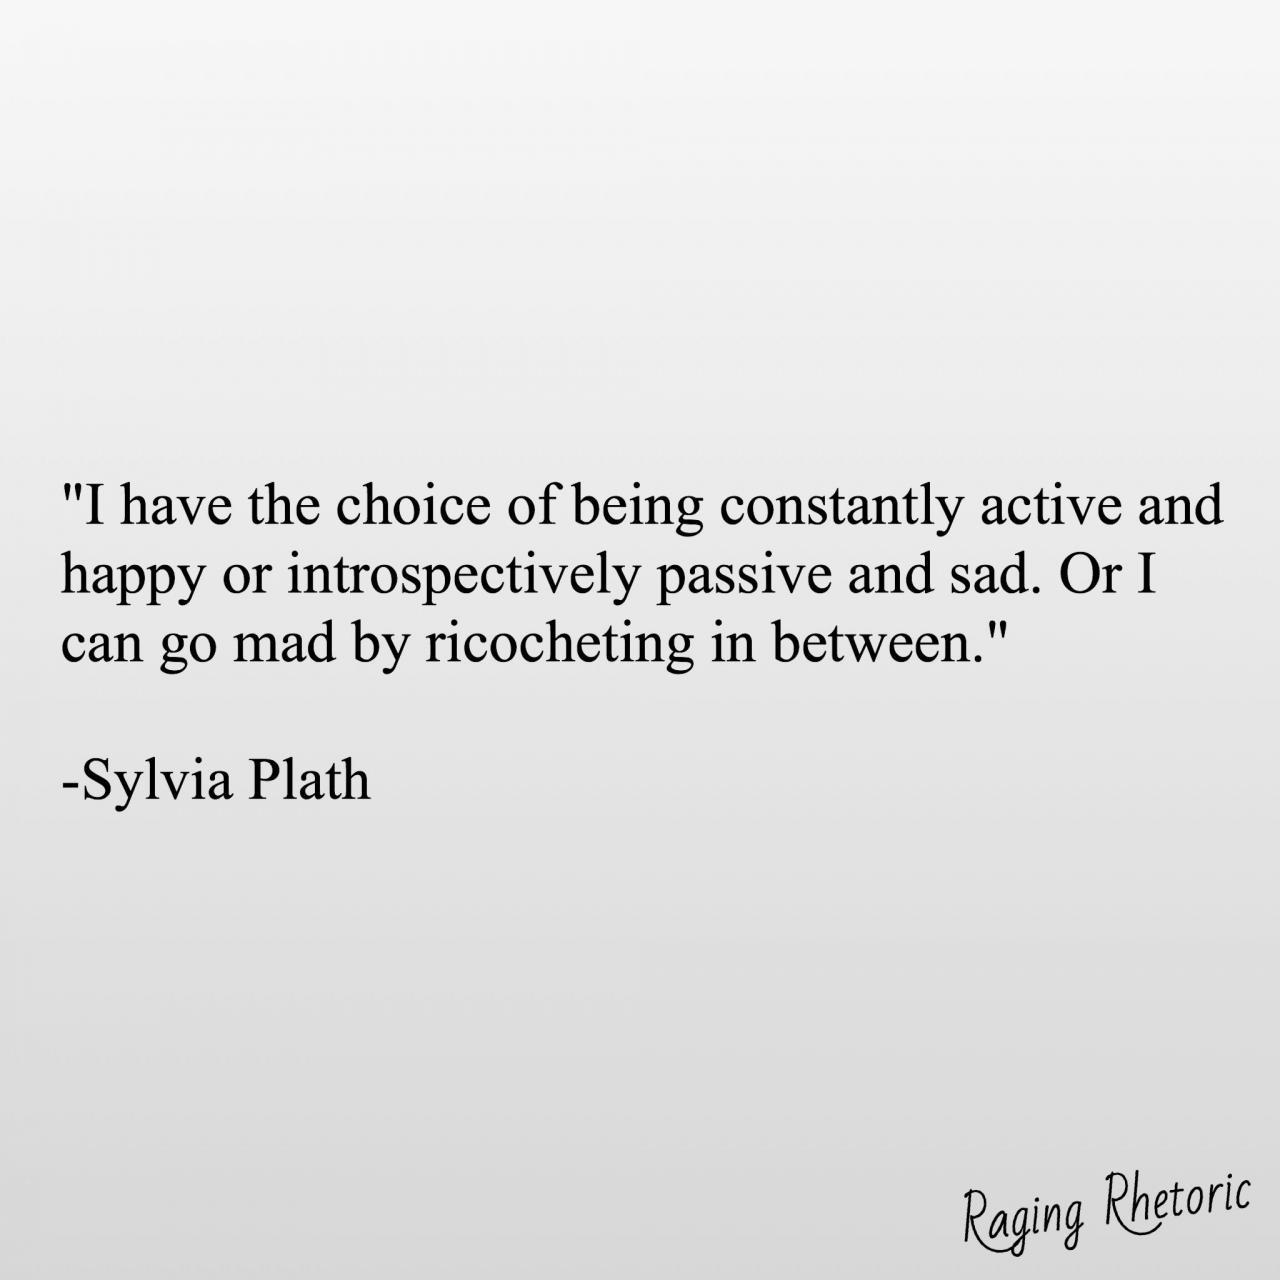 Mary Oliver Tiefe Worte Gedichte Lebensweisheiten Sylvia Plath Zitate Wunsch Literatur